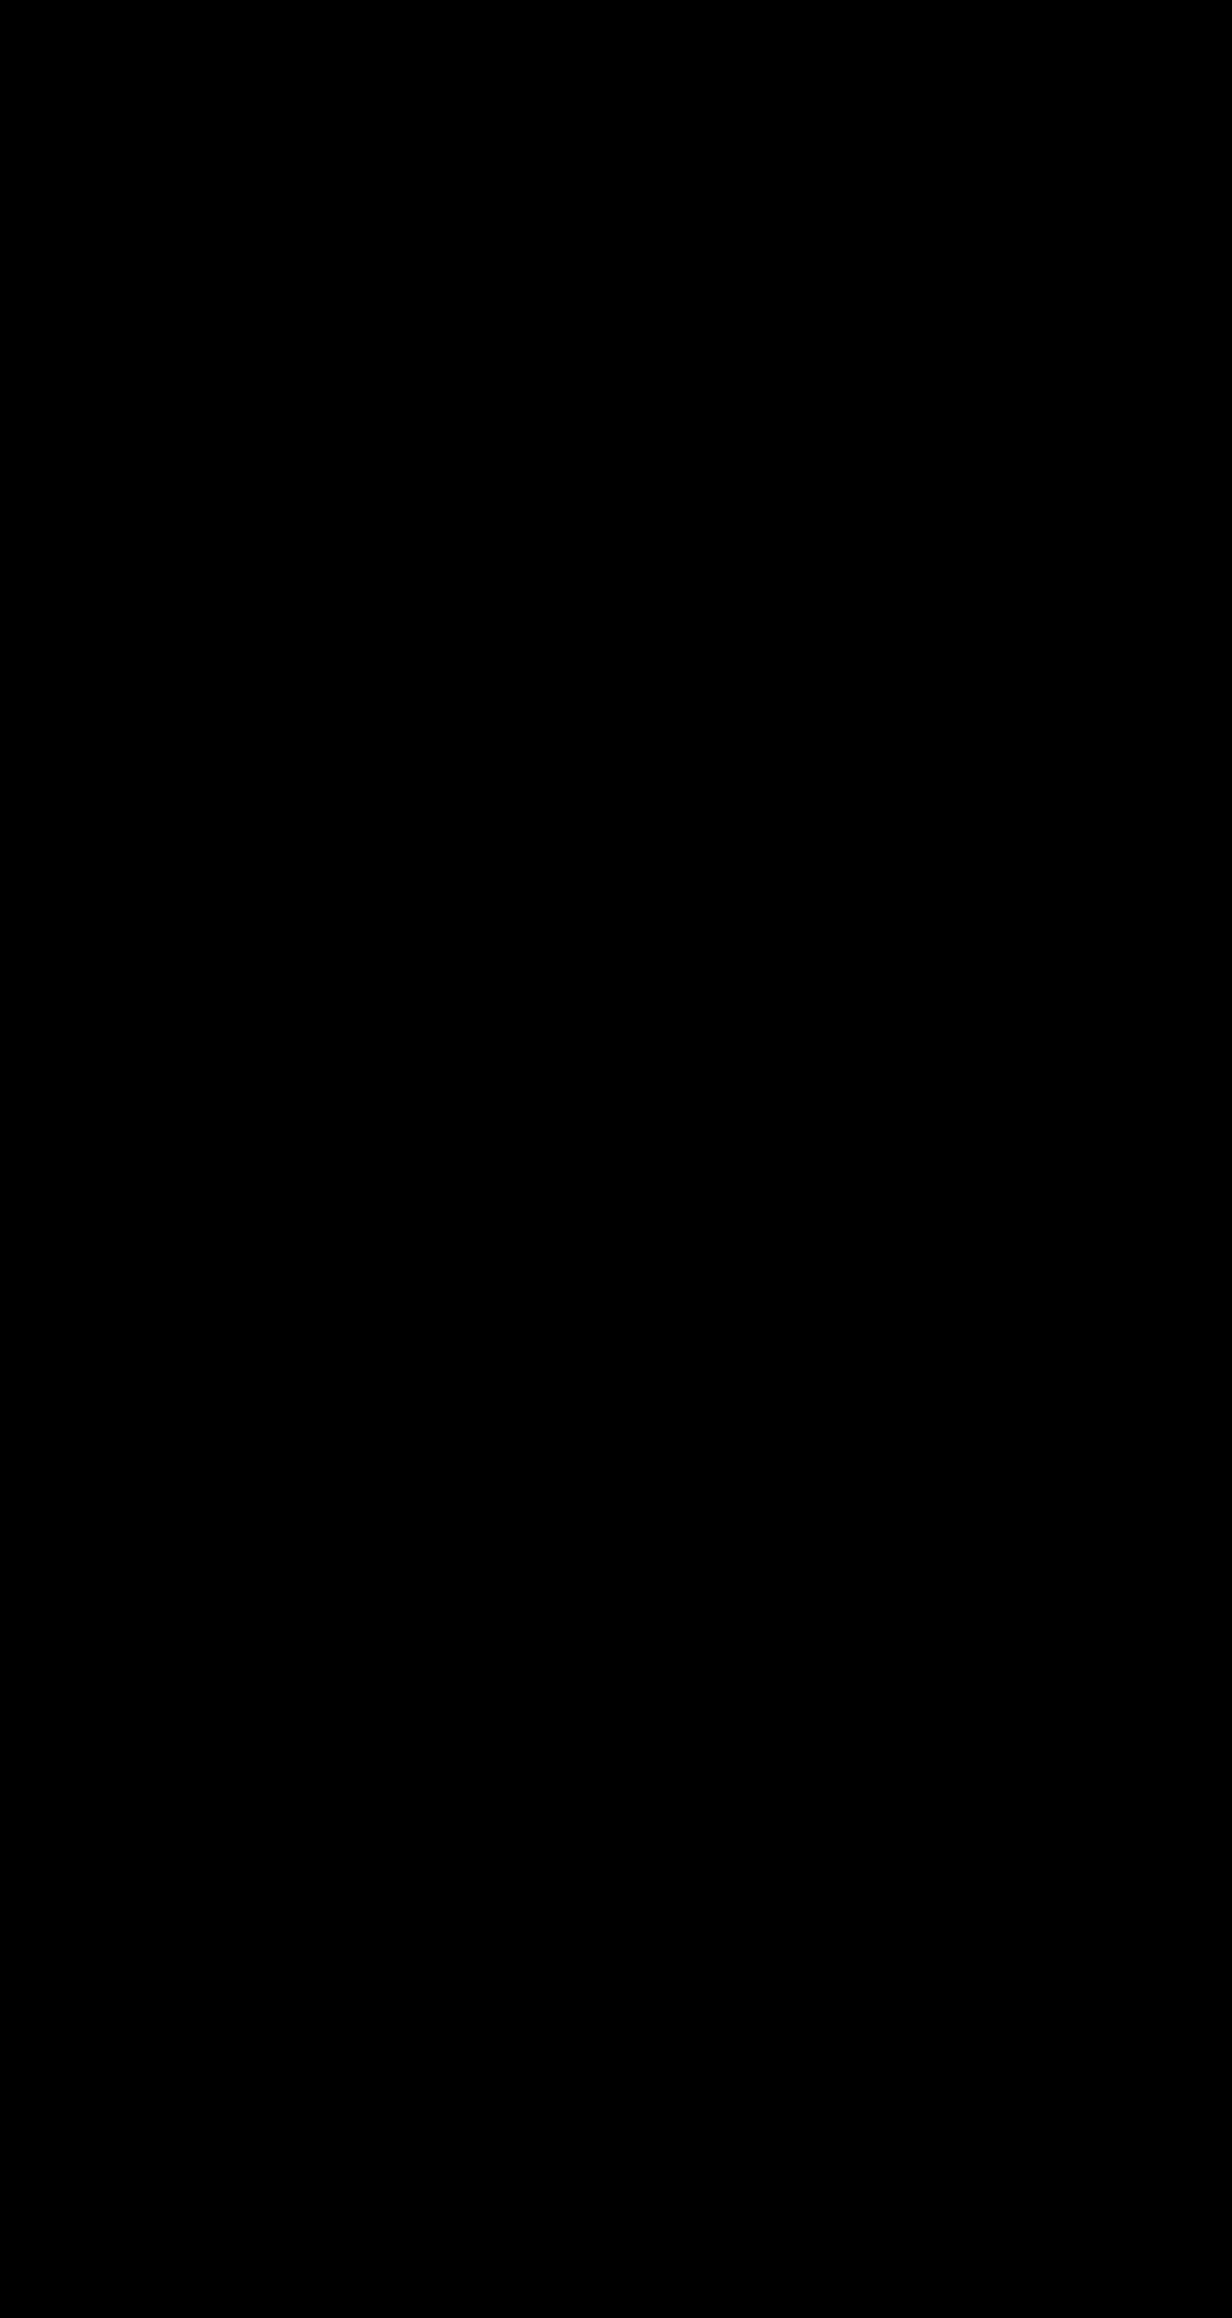 Clipart - Camera On Tripod Silhouette